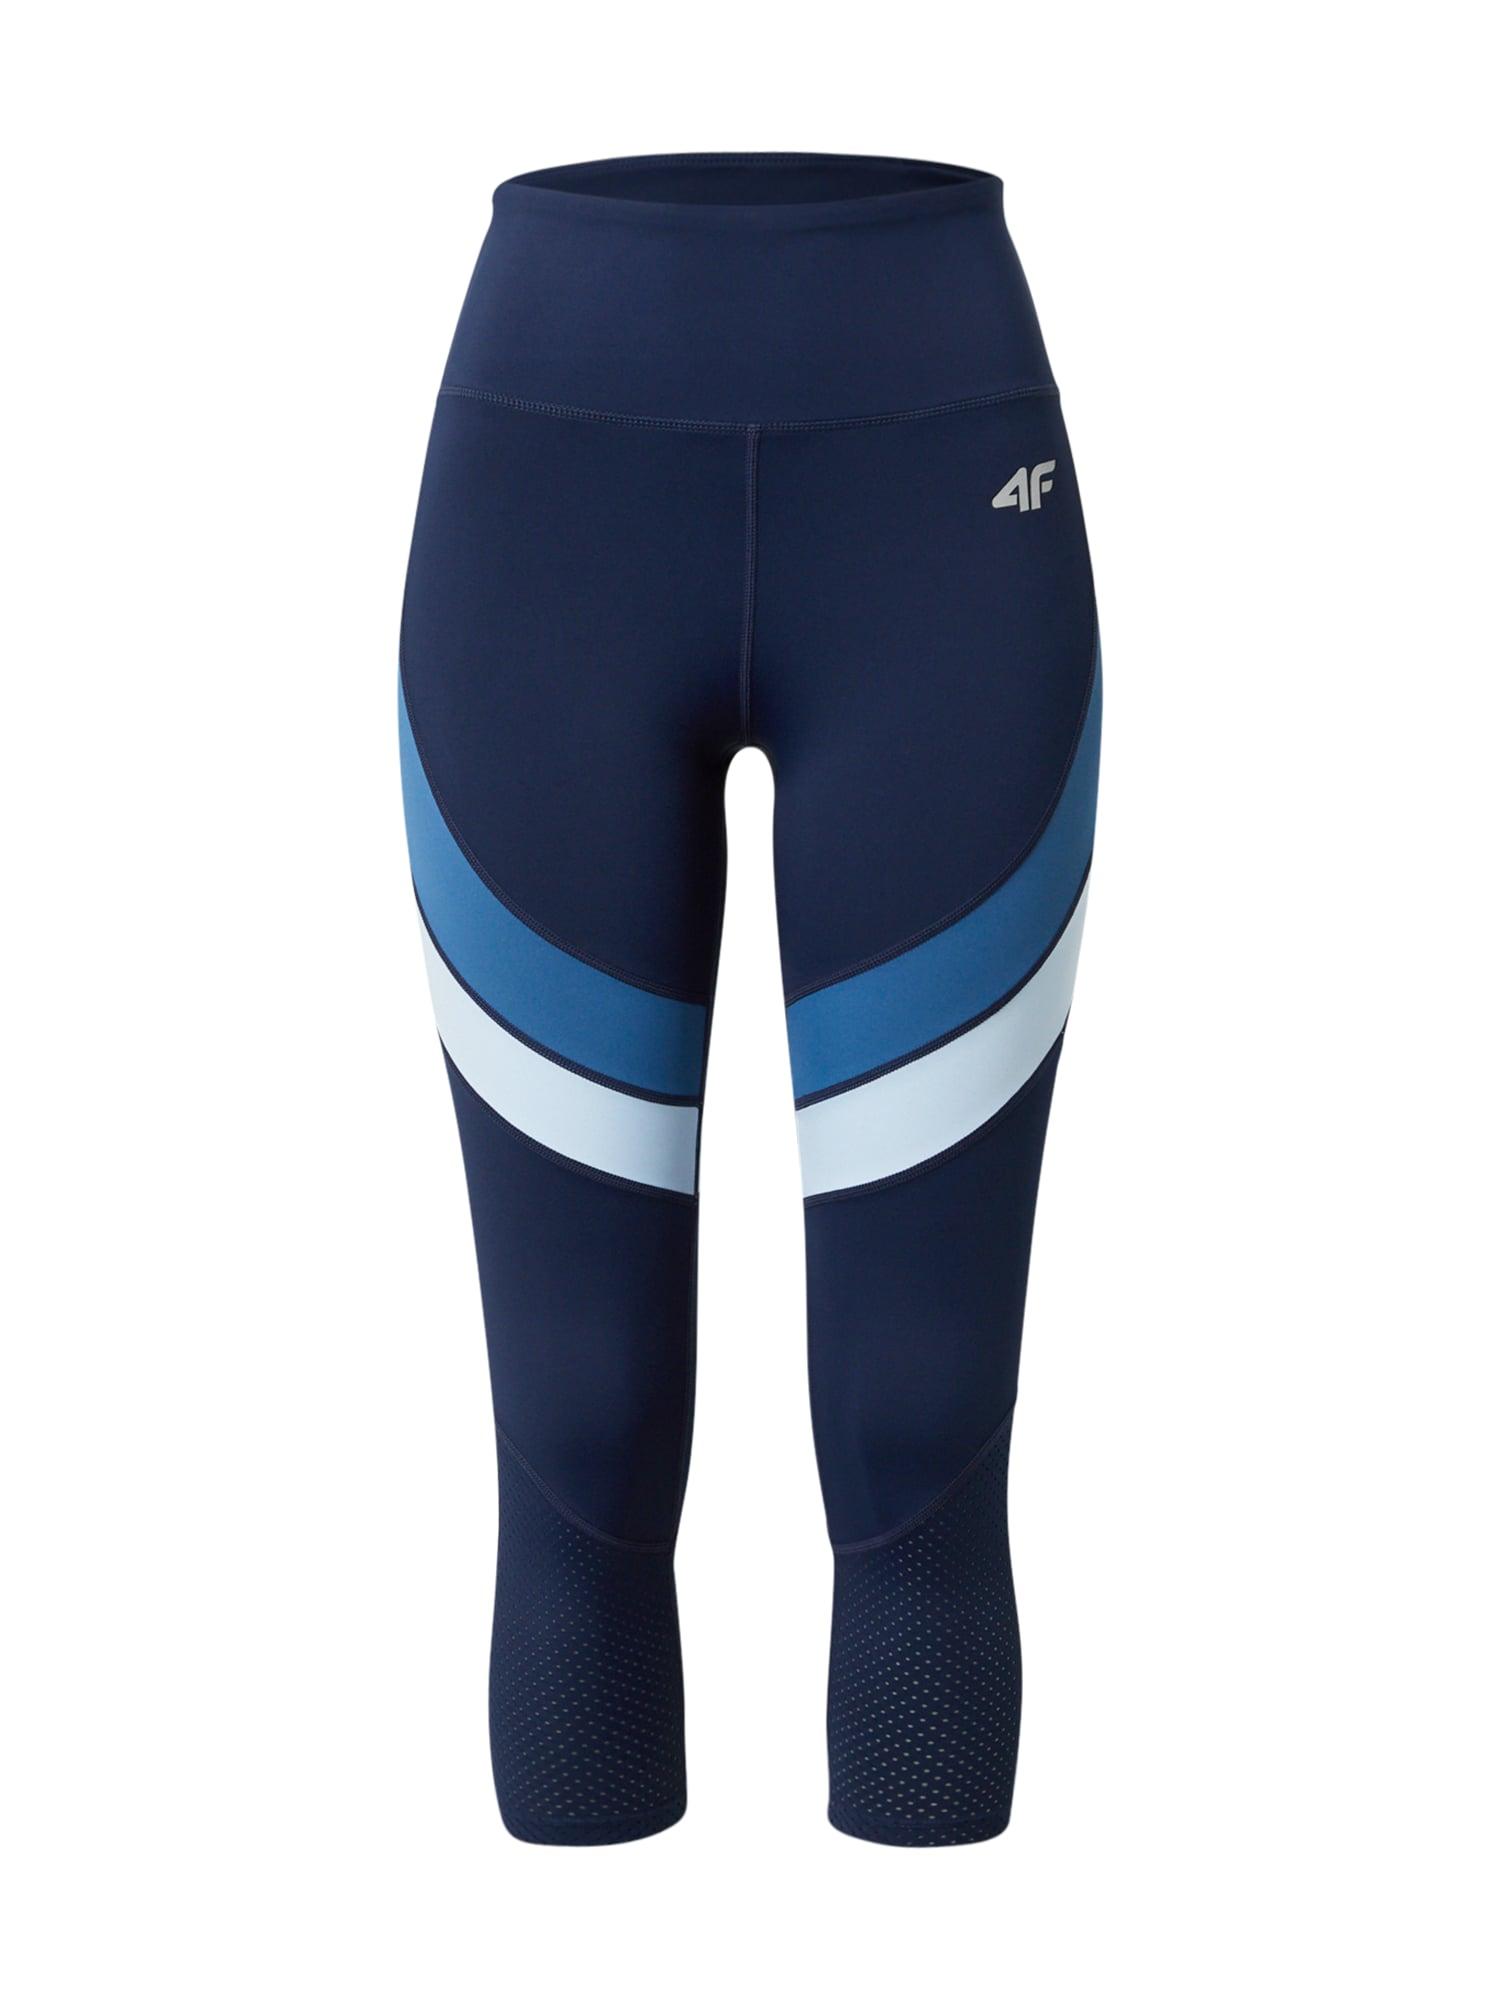 4F Sportinės kelnės tamsiai mėlyna / dangaus žydra / balta